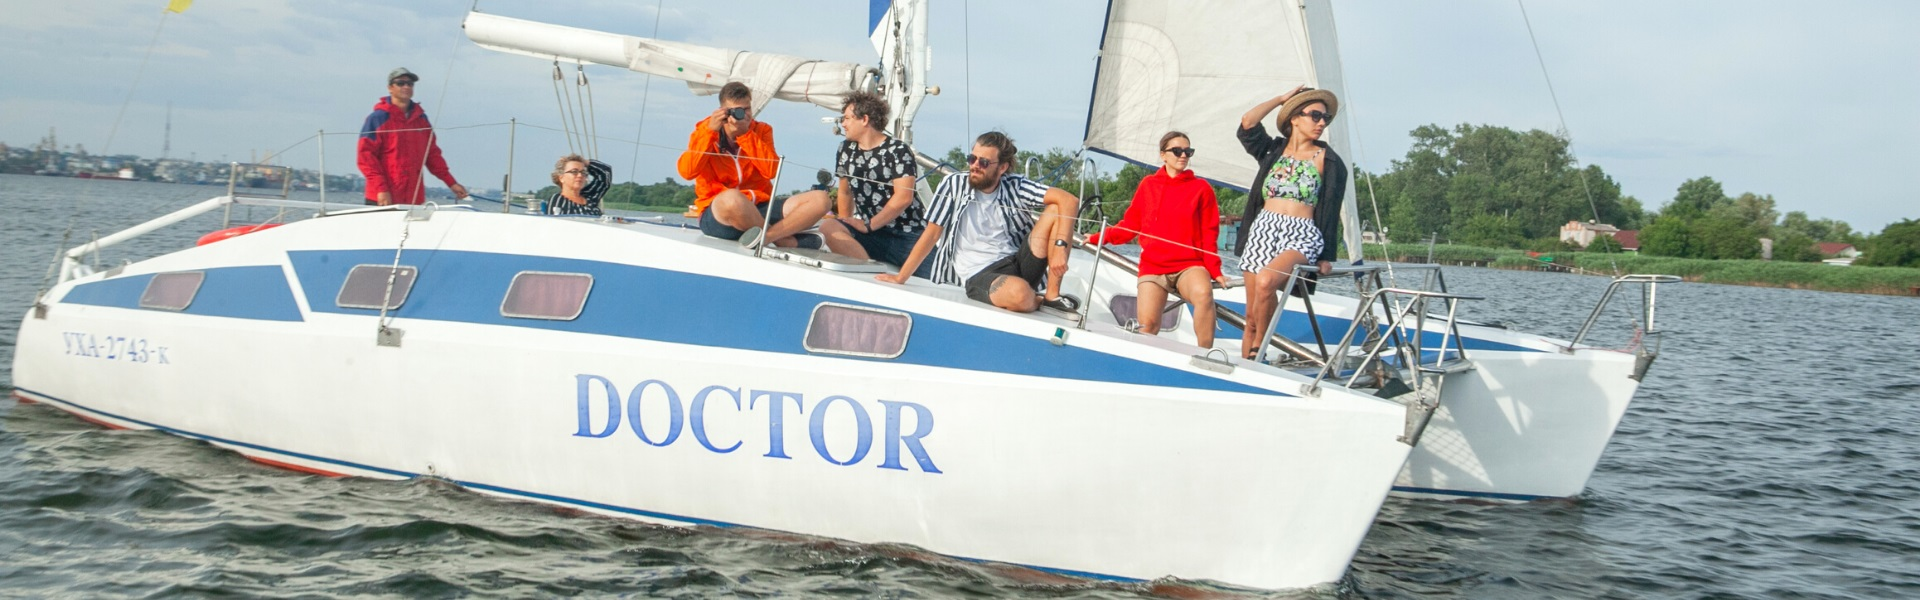 Аренда яхты «Доктор» в Херсоне